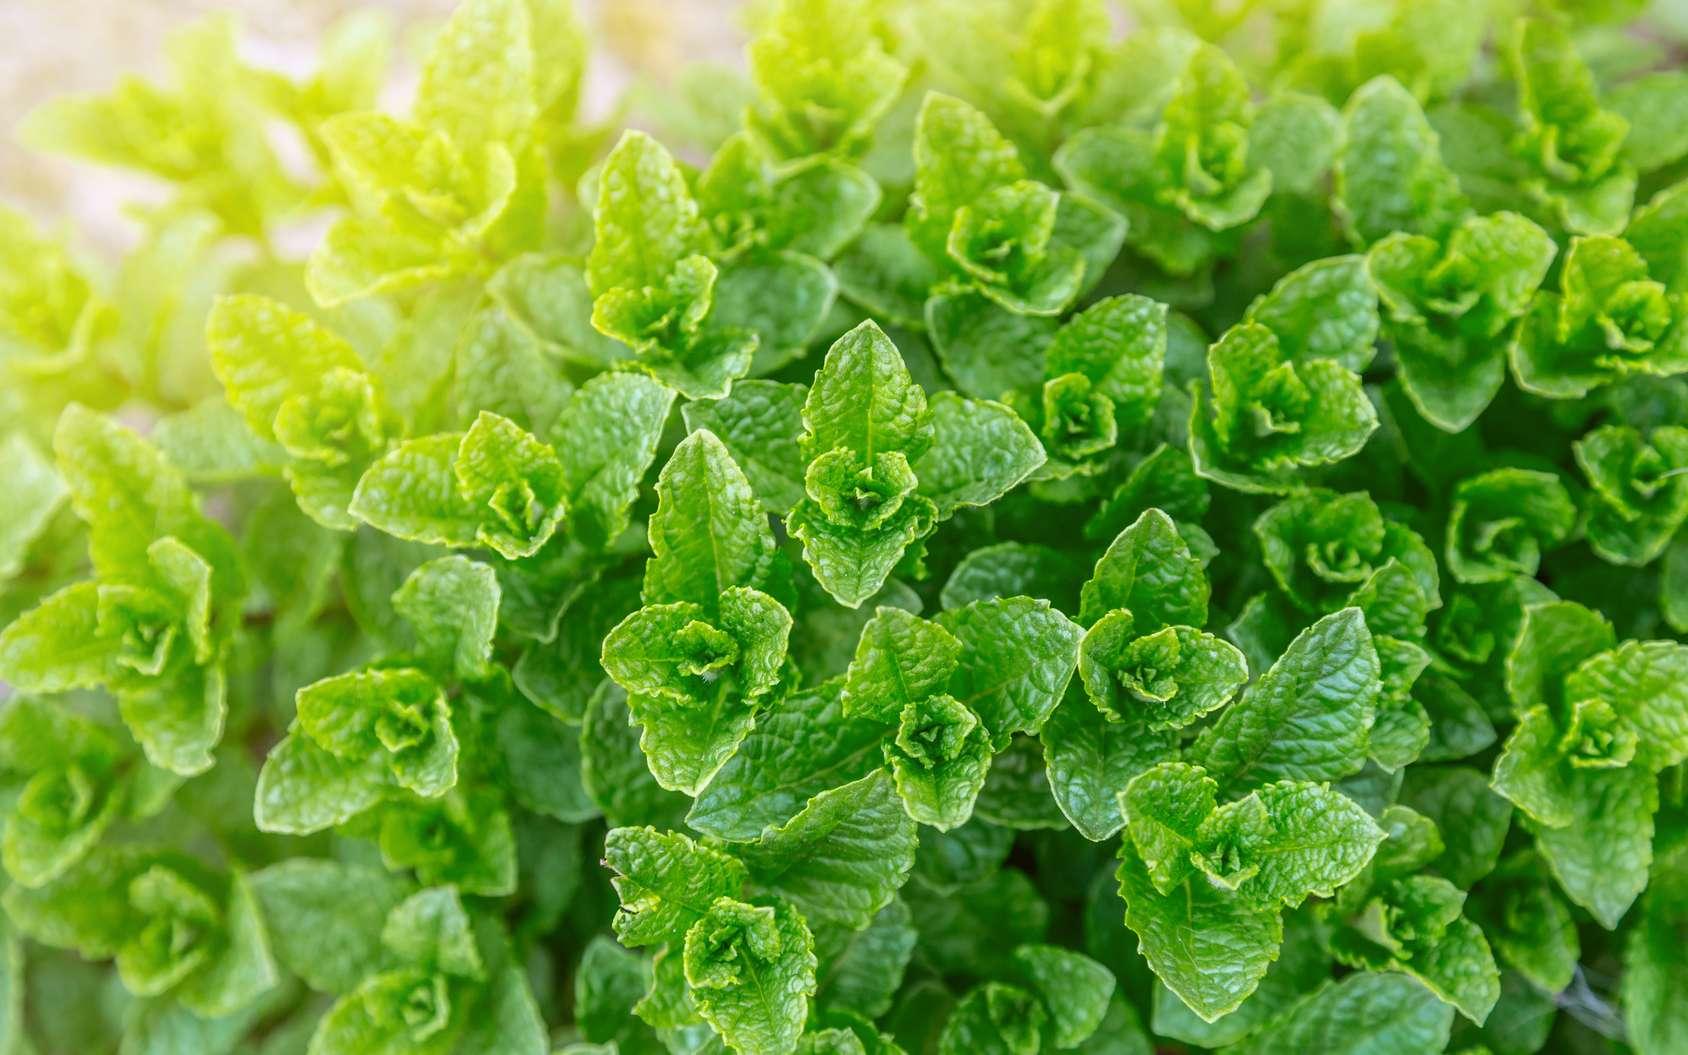 La menthe est une herbe aromatique très facile à cultiver en pot ou en pleine terre. © Robert Leßmann, Fotolia